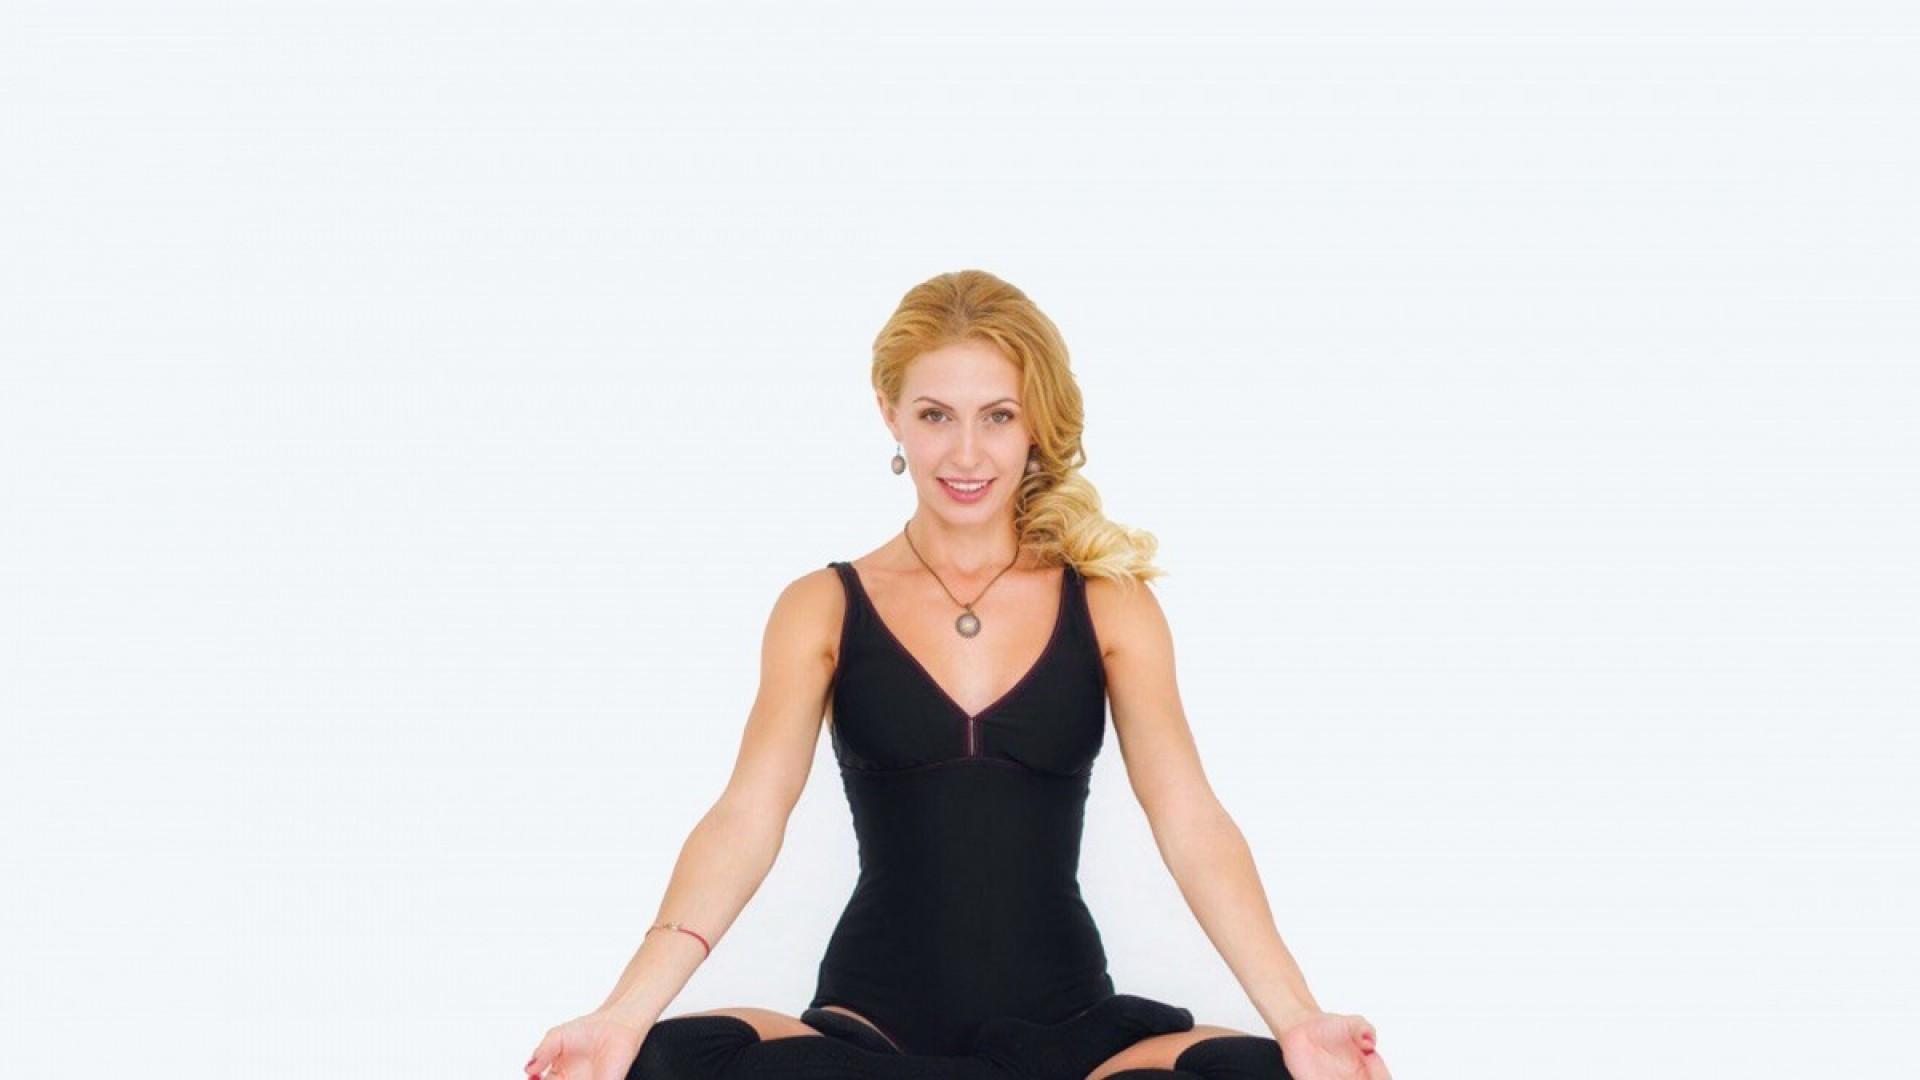 Готовимся к материнству: занимаемся йогой и медитируем